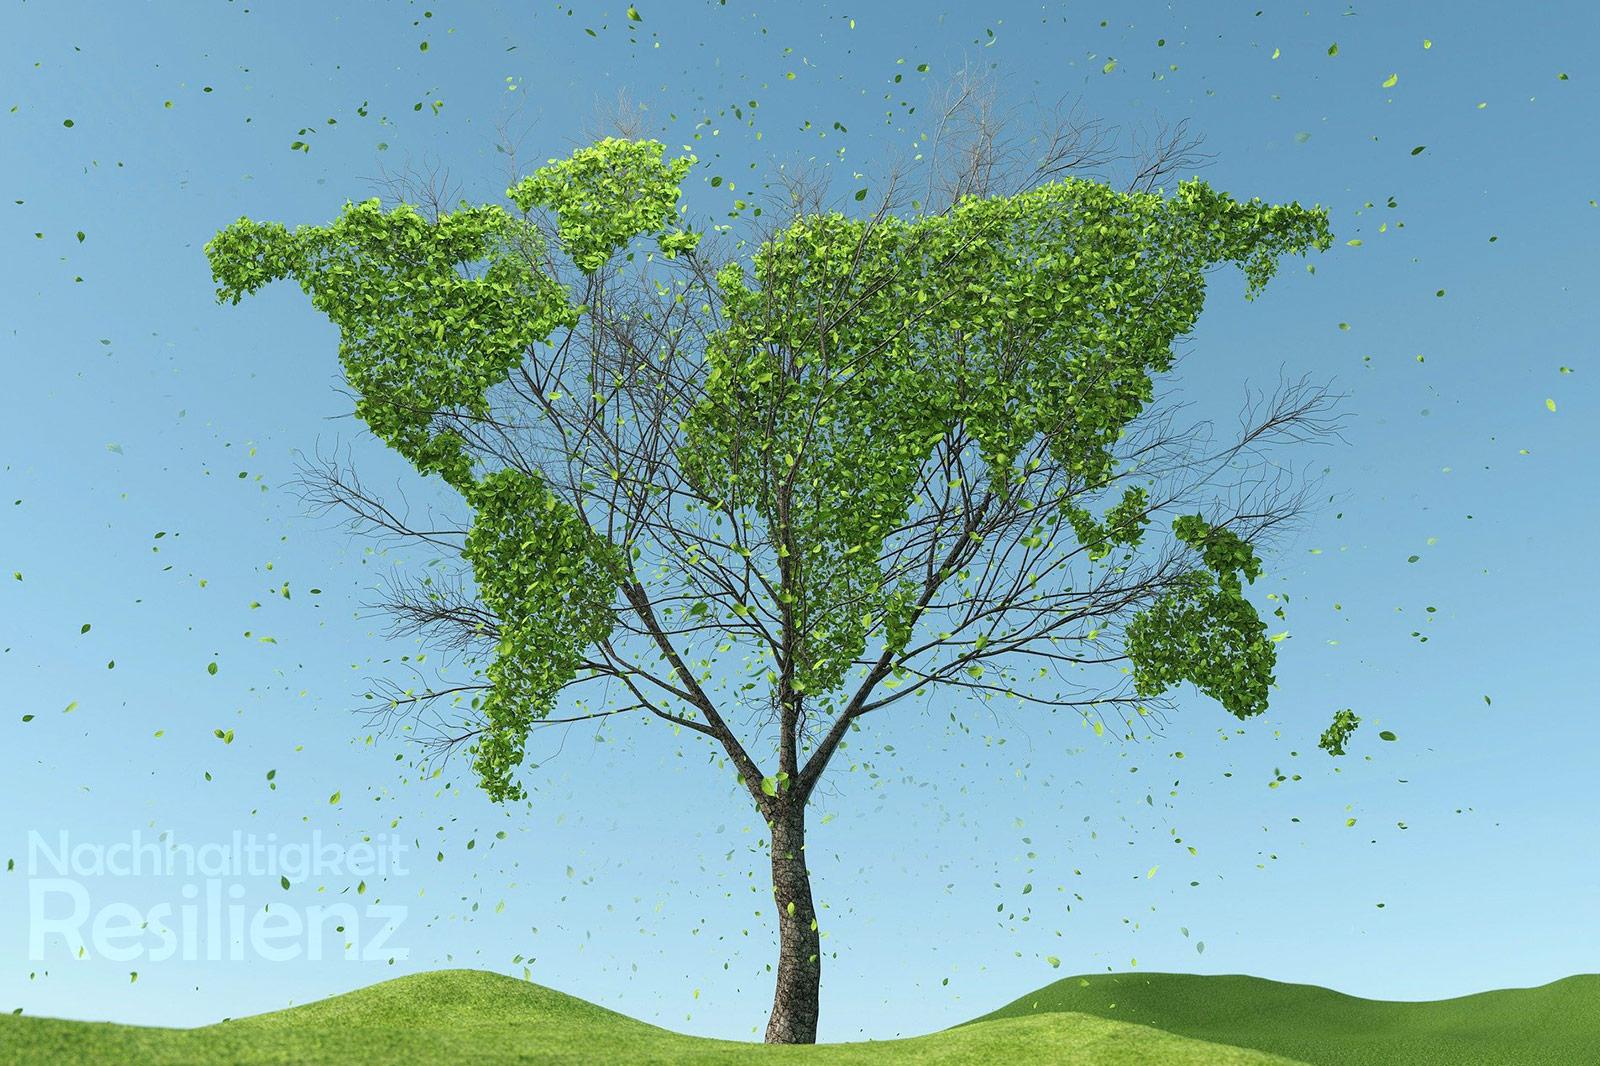 Nachhaltigkeit und Resilienz als Ziele